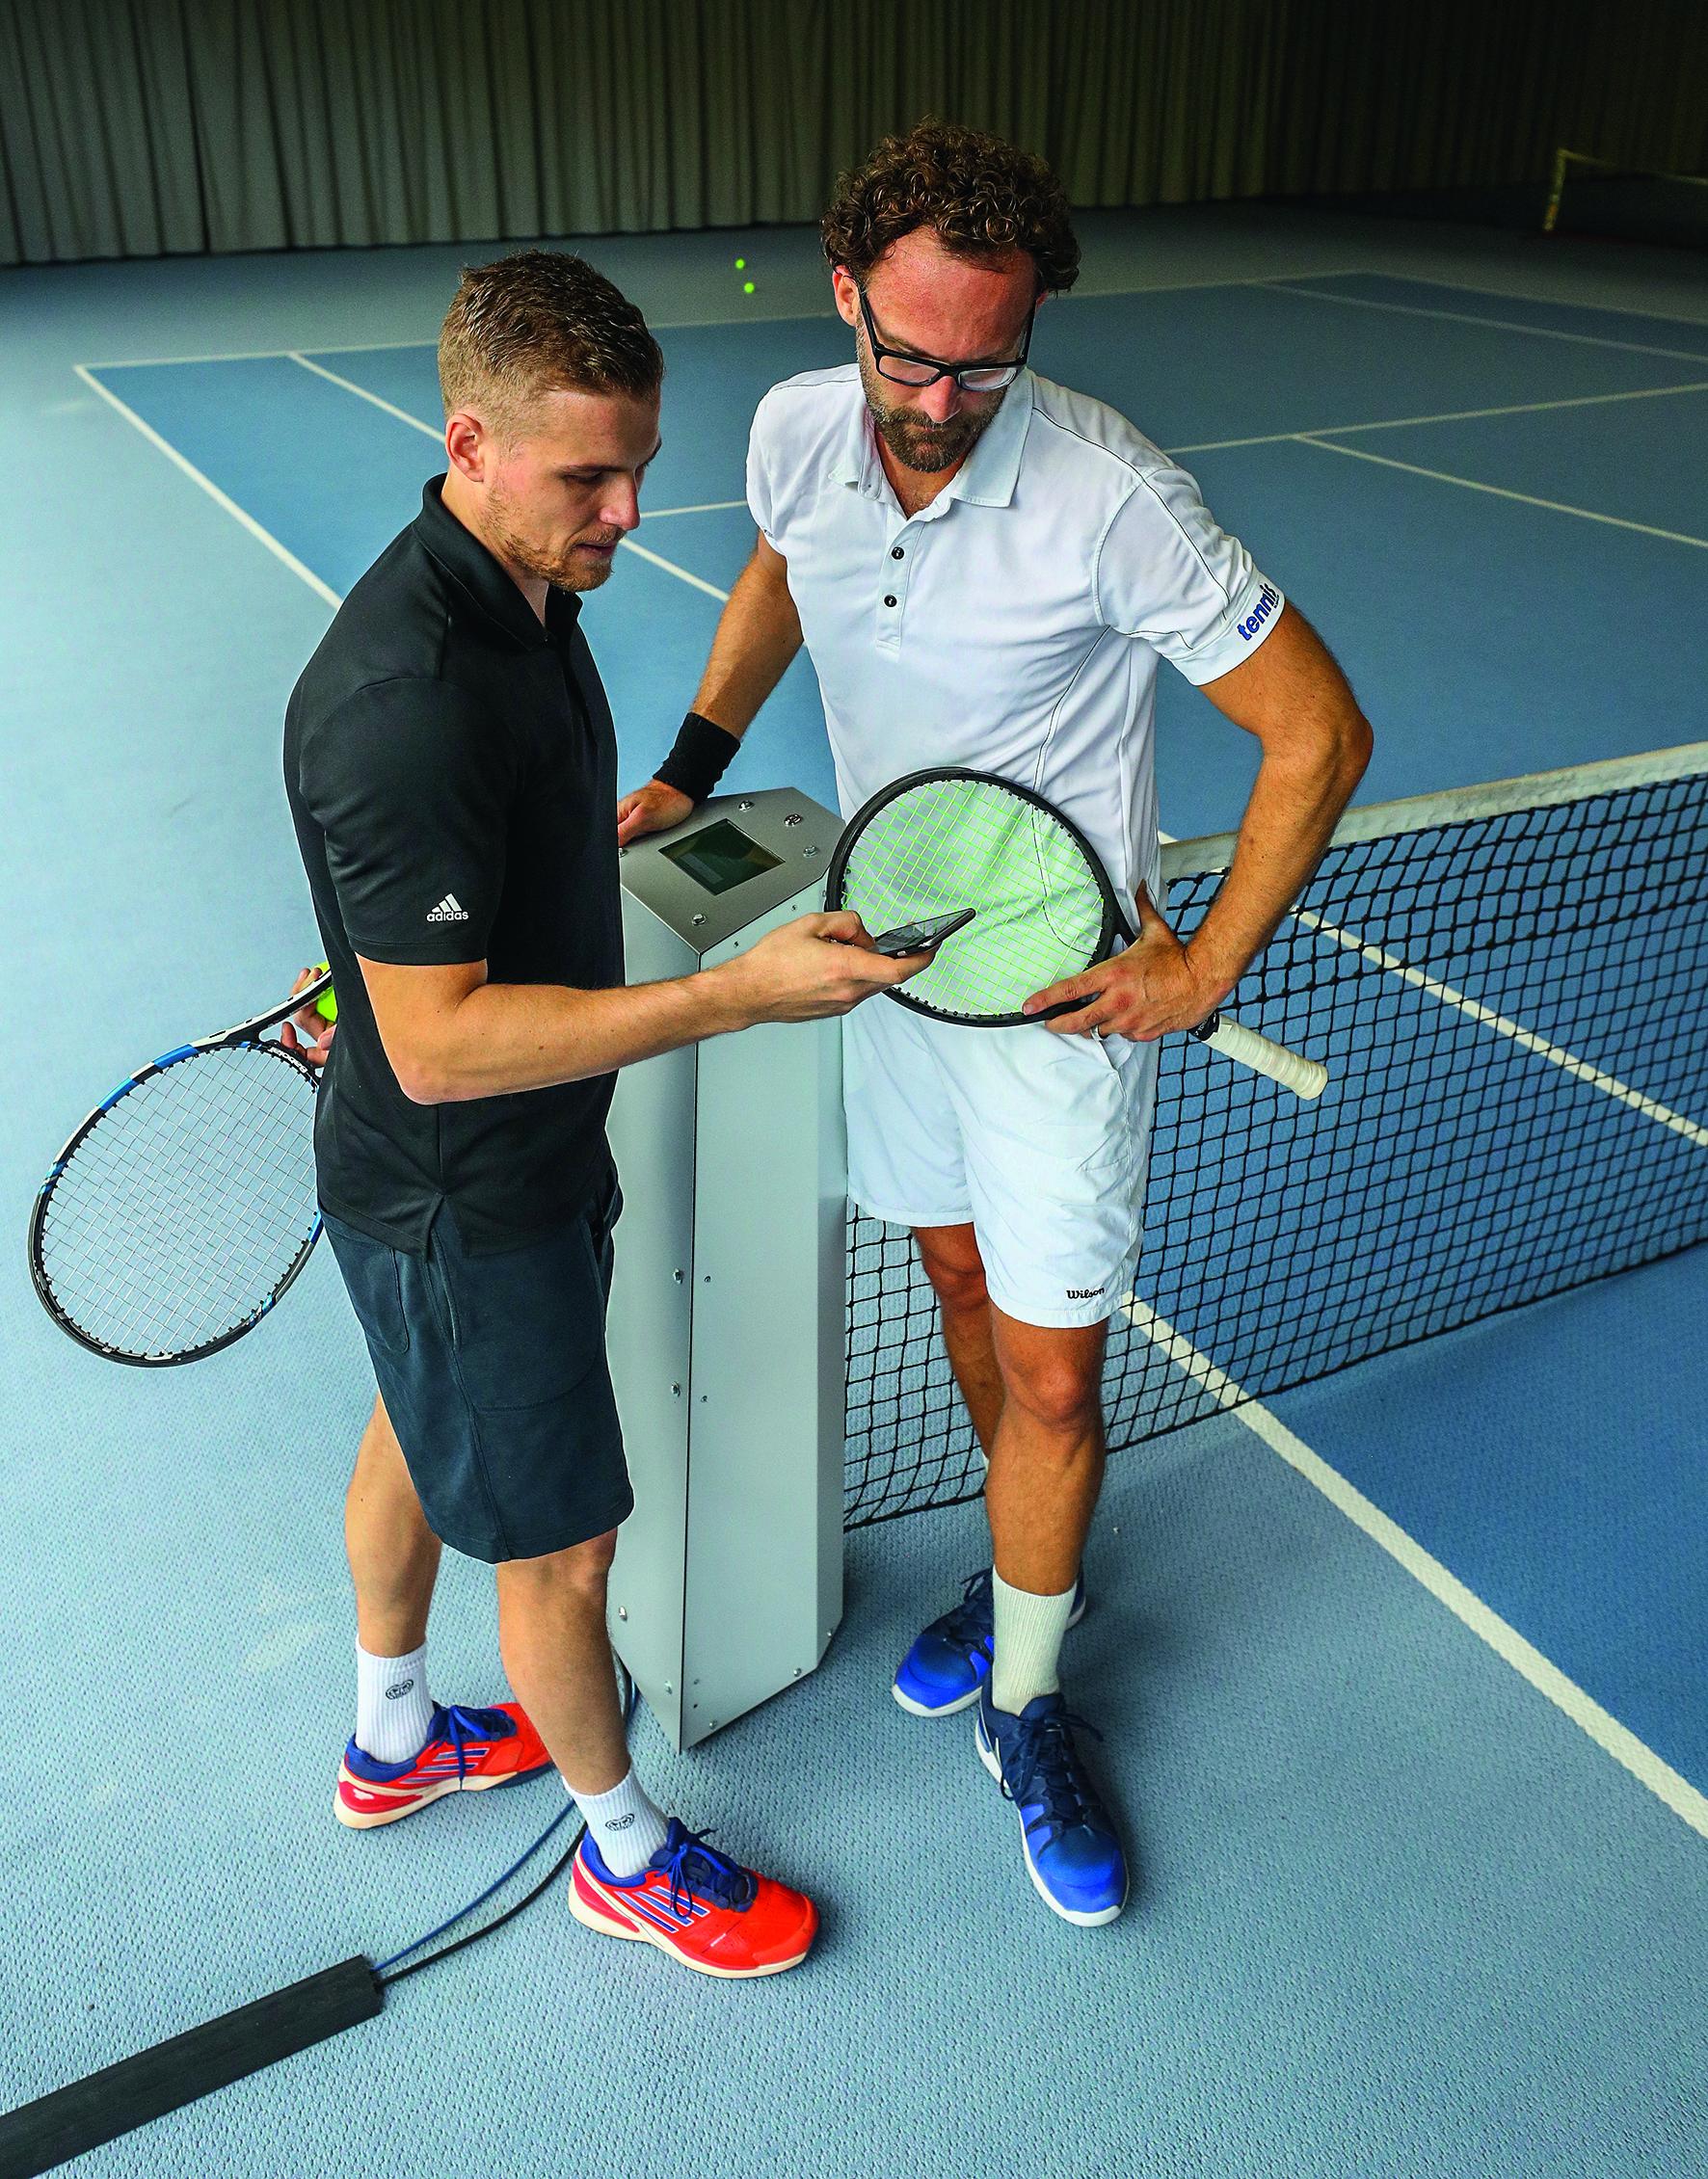 Diese Lesben wissen, wie Sie sich nach einem tennis-match